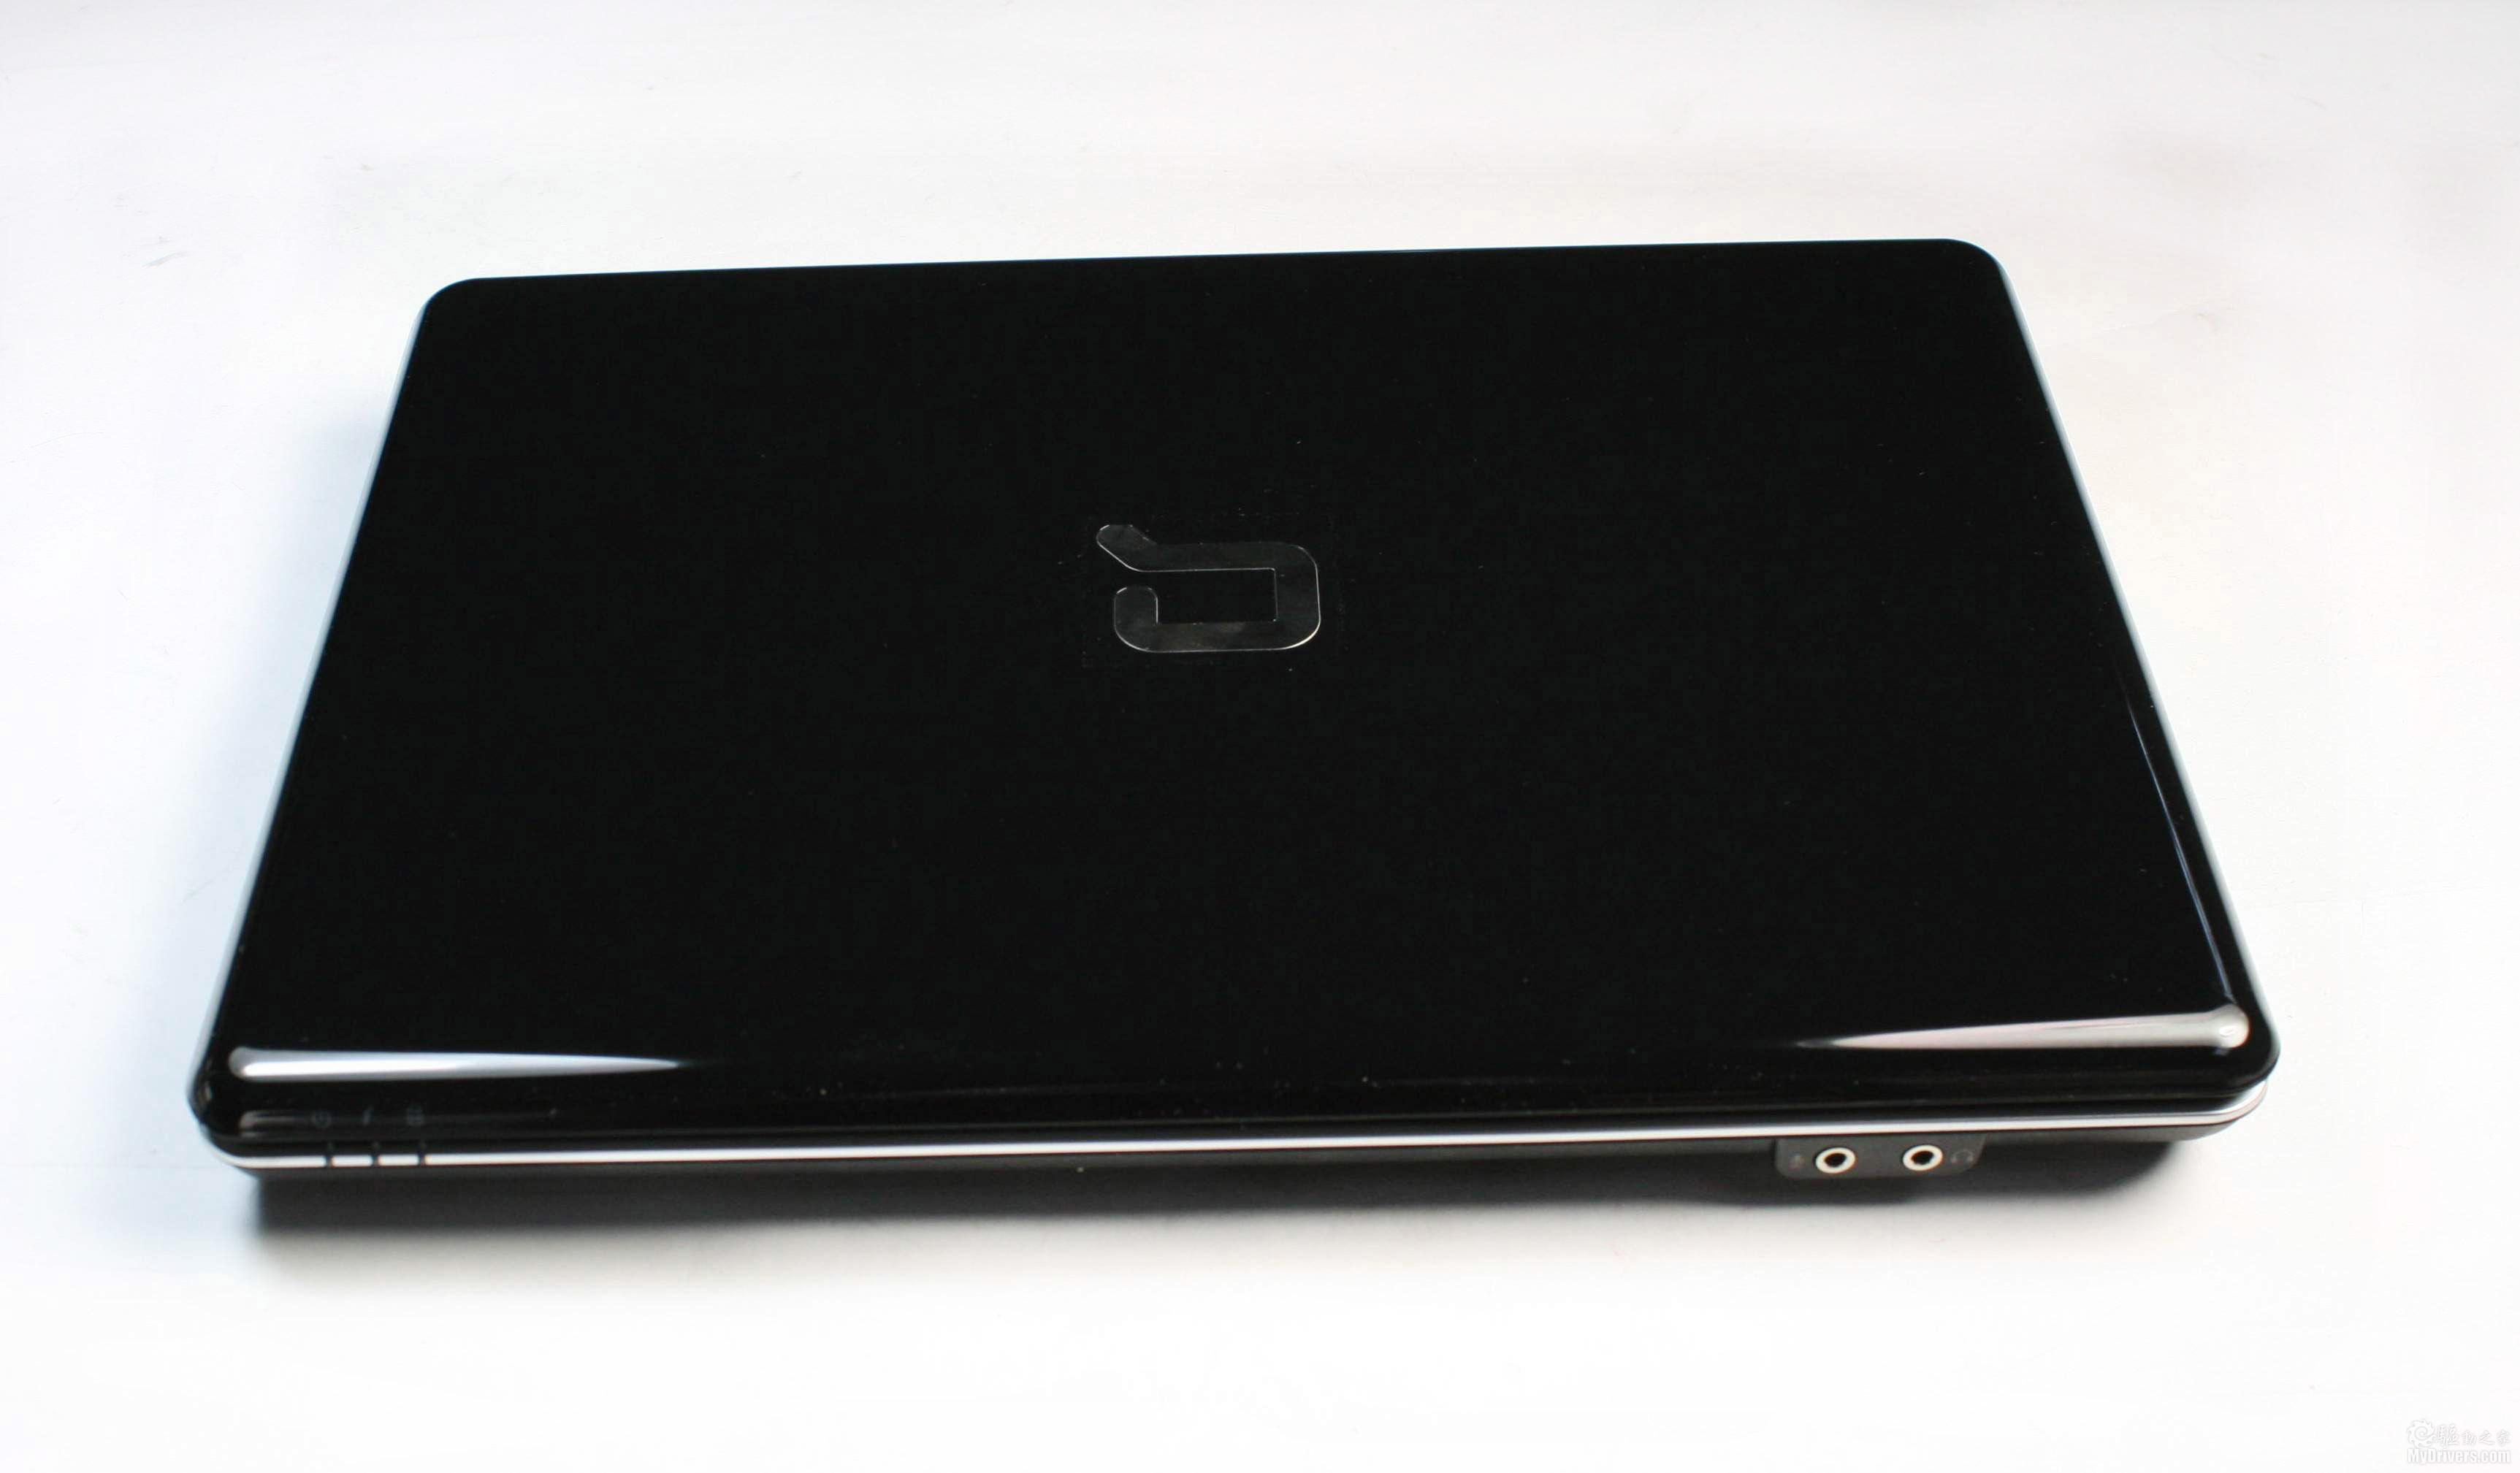 惠普cq-40-606ax笔记本;;